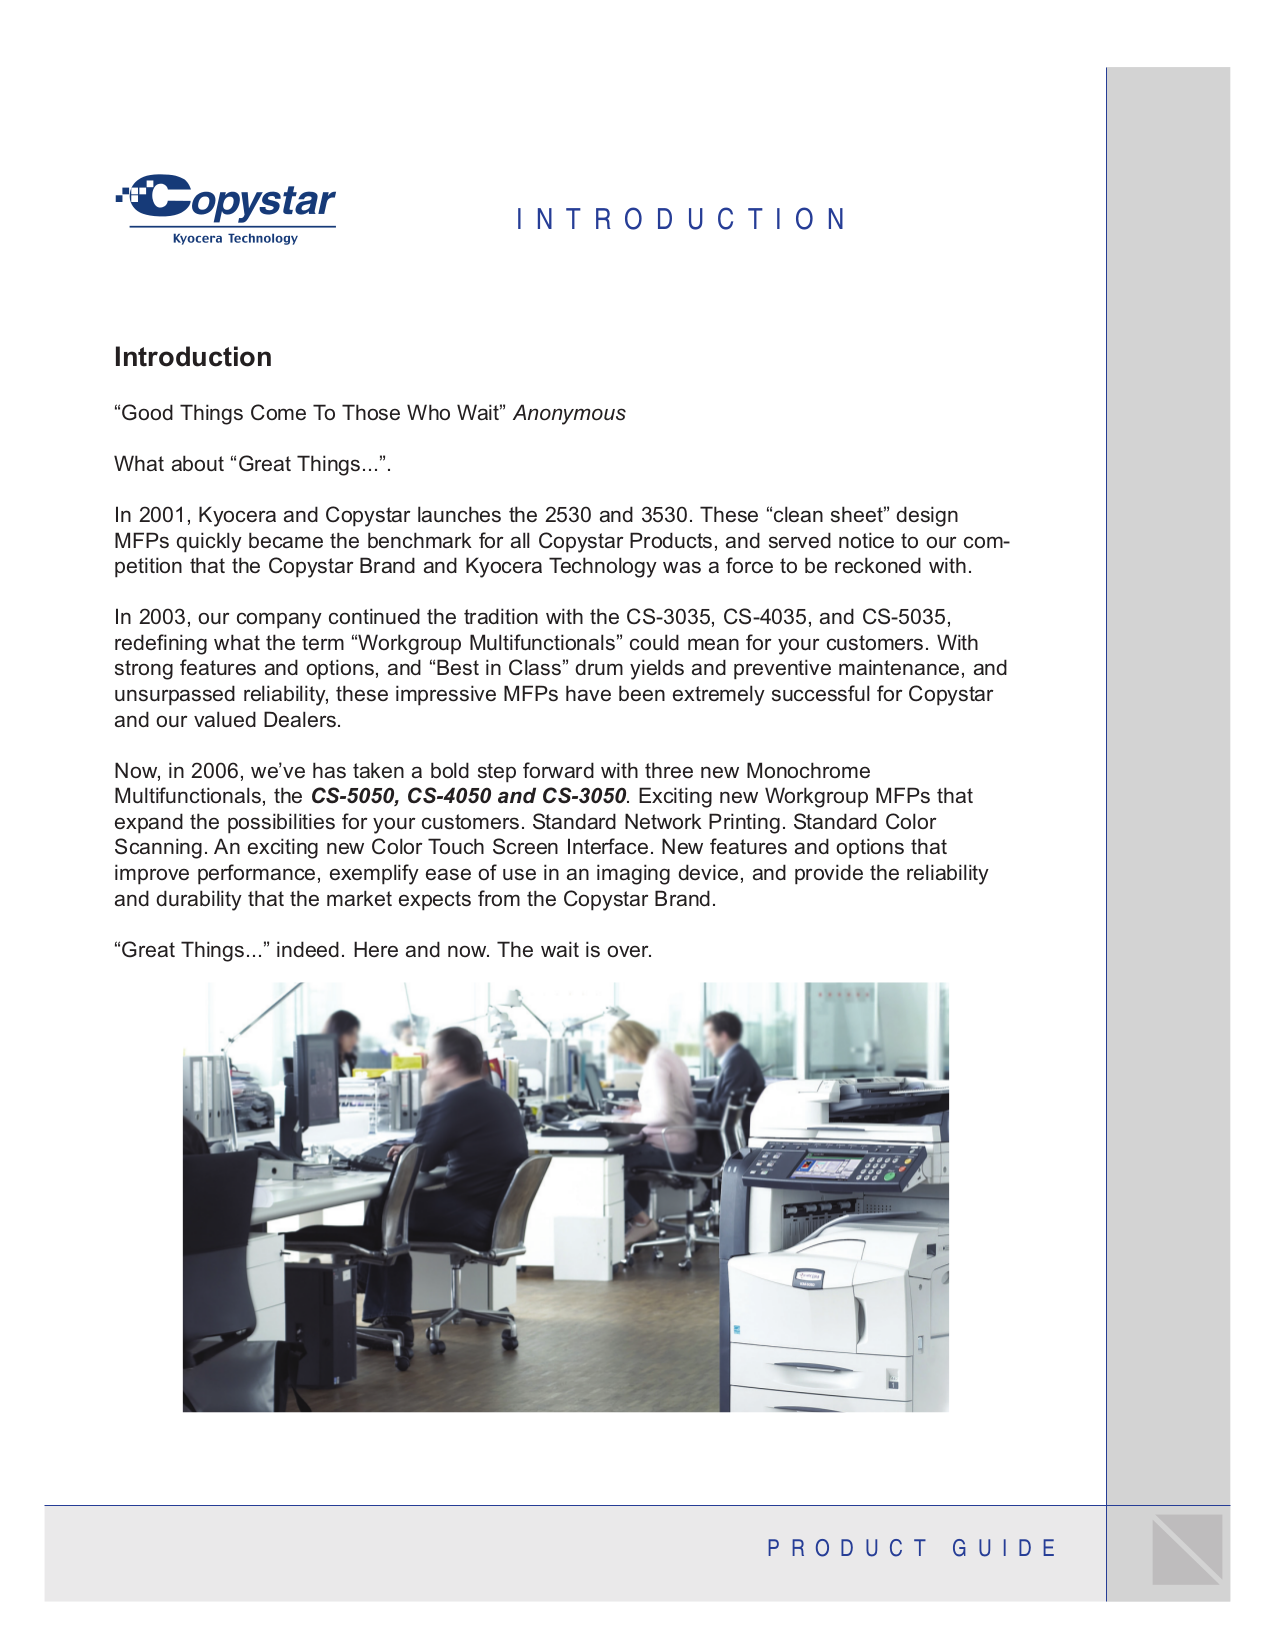 PDF manual for Kyocera Multifunction Printer KM-2530